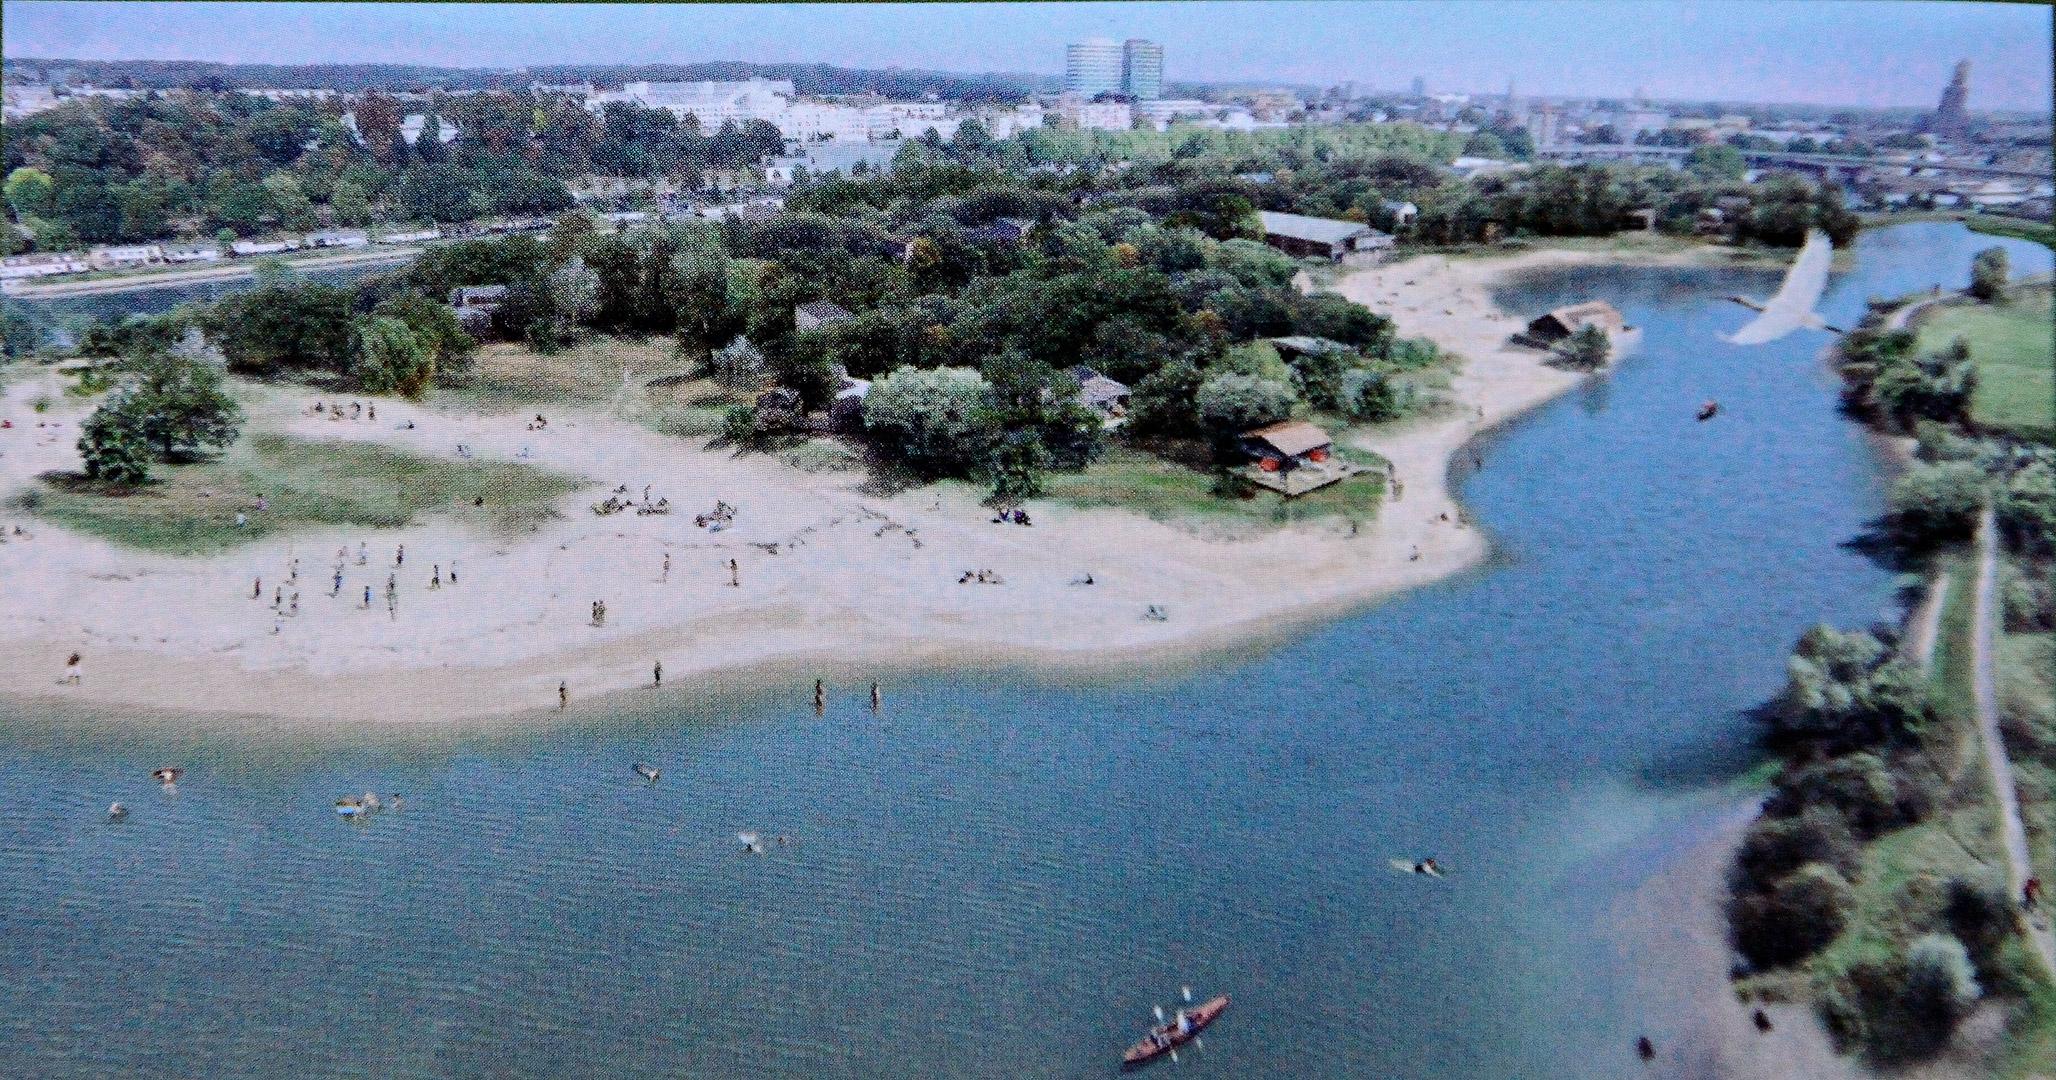 Een door de eigenaaer-ontwikkelaar verspreidde impressie van een mooi strand in een parkachtige met hier en daar wat lichte bebouwing.